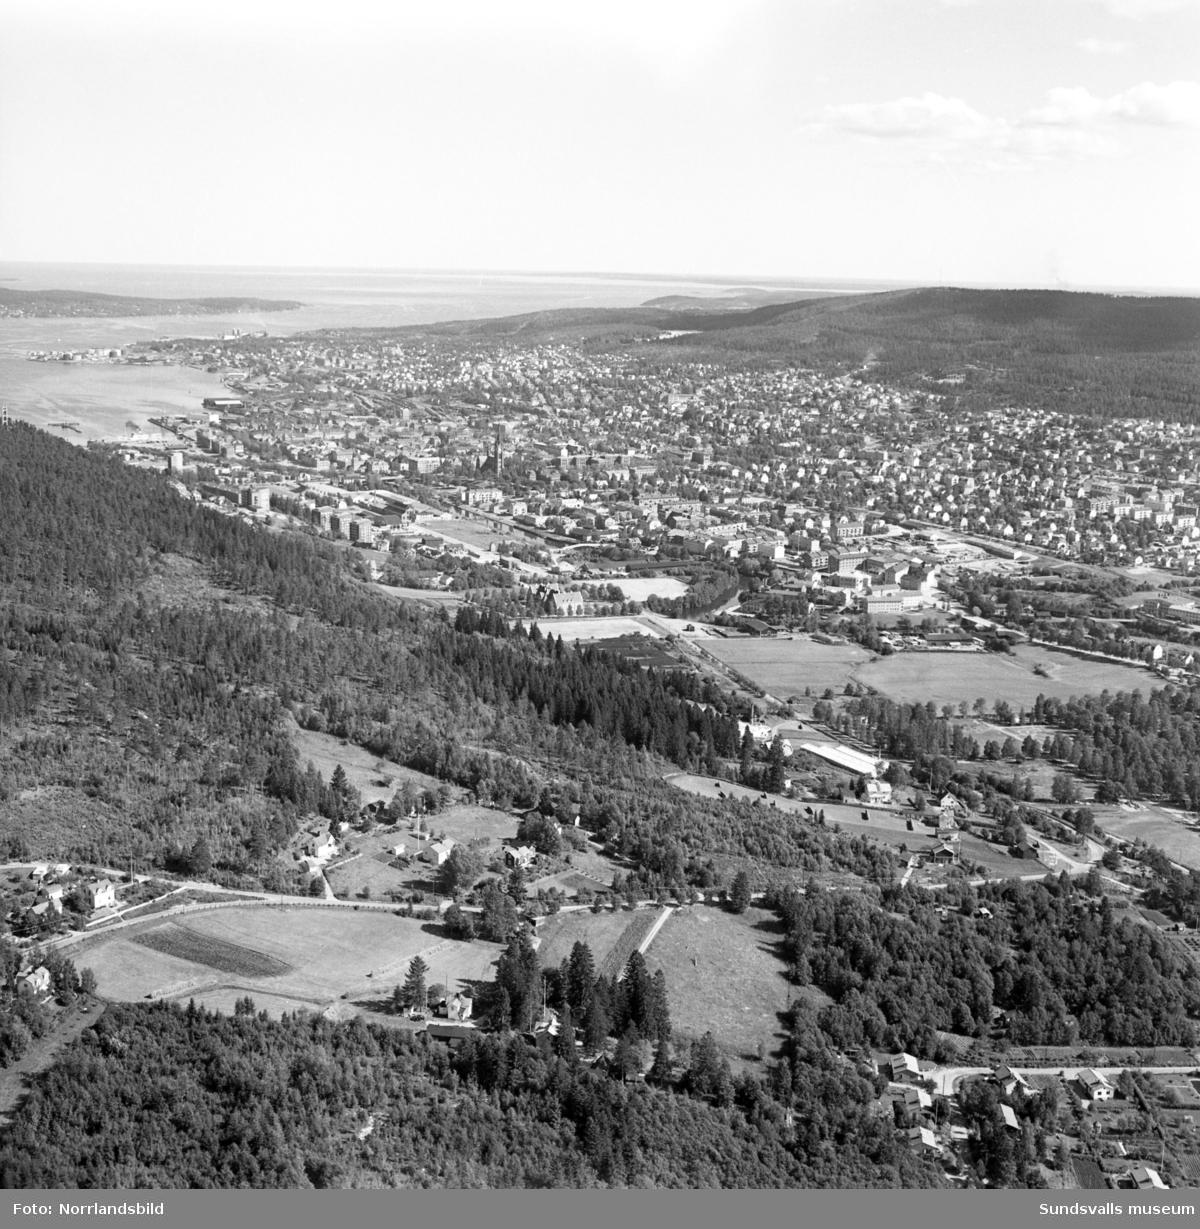 Flygfoto över Sundsvall taget från Granloholm. Närmast i bild Nejlikevägen och växthusen vid Klintens handelsträdgård.